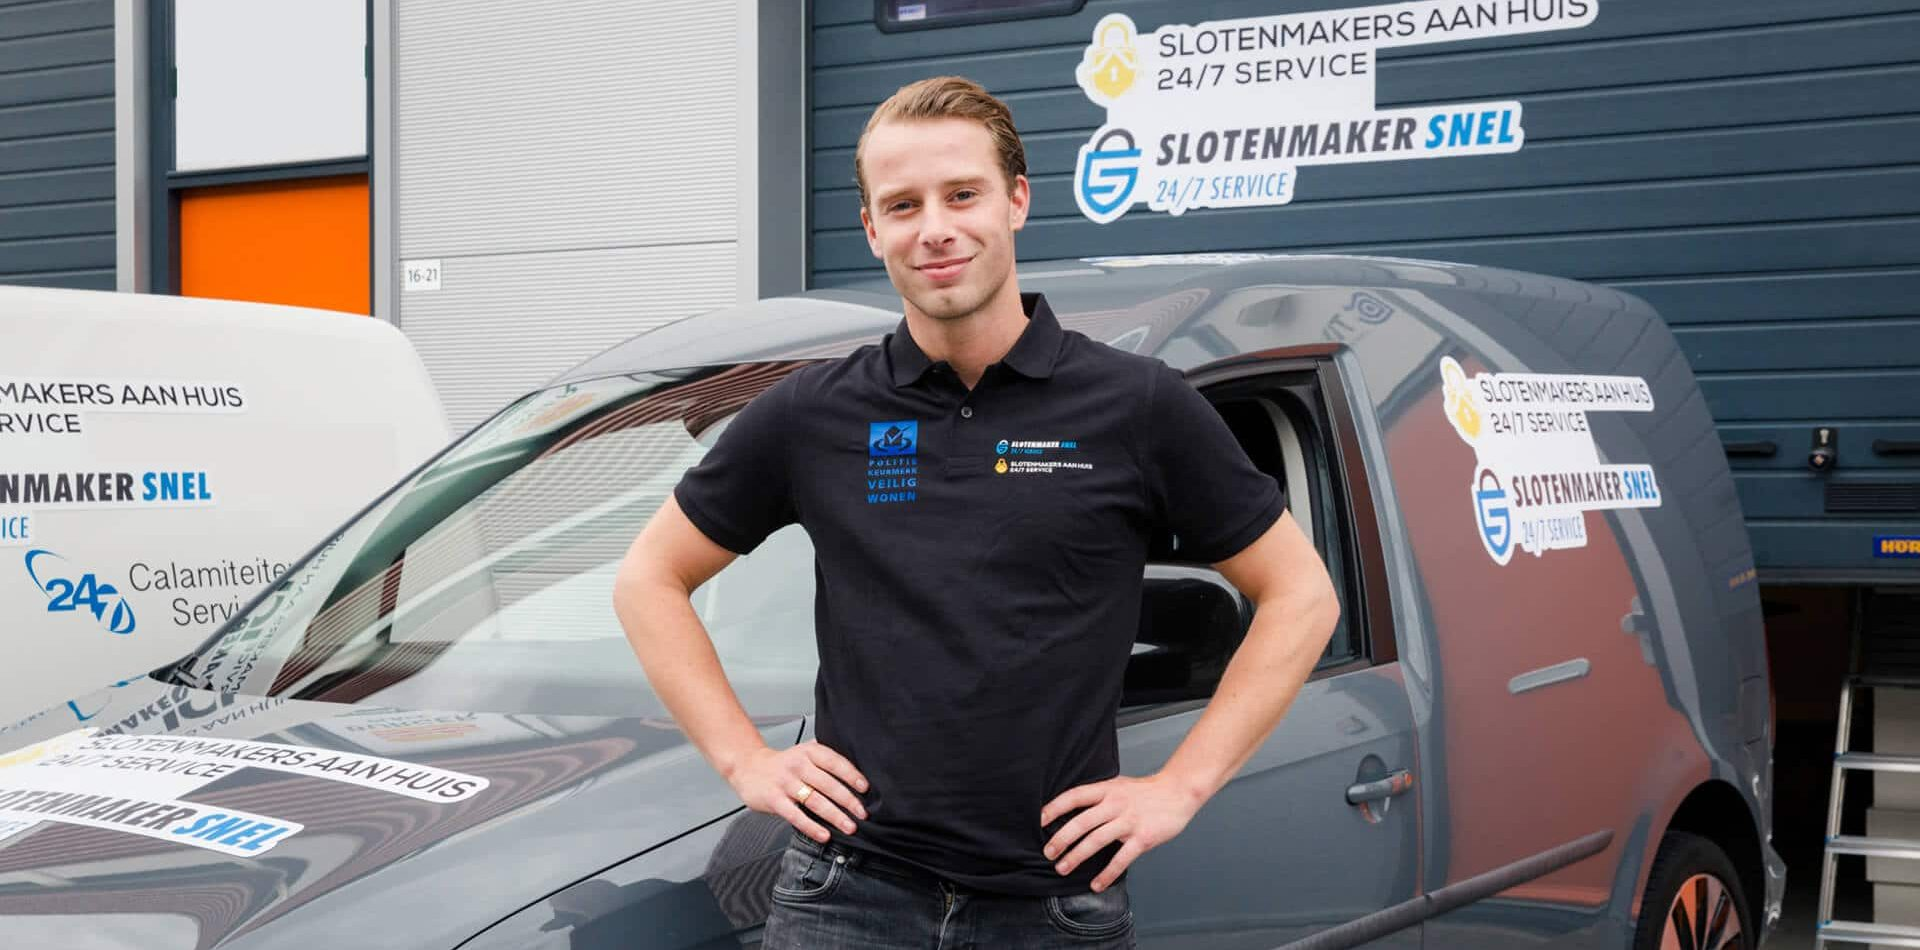 Slotenmaker Gouda